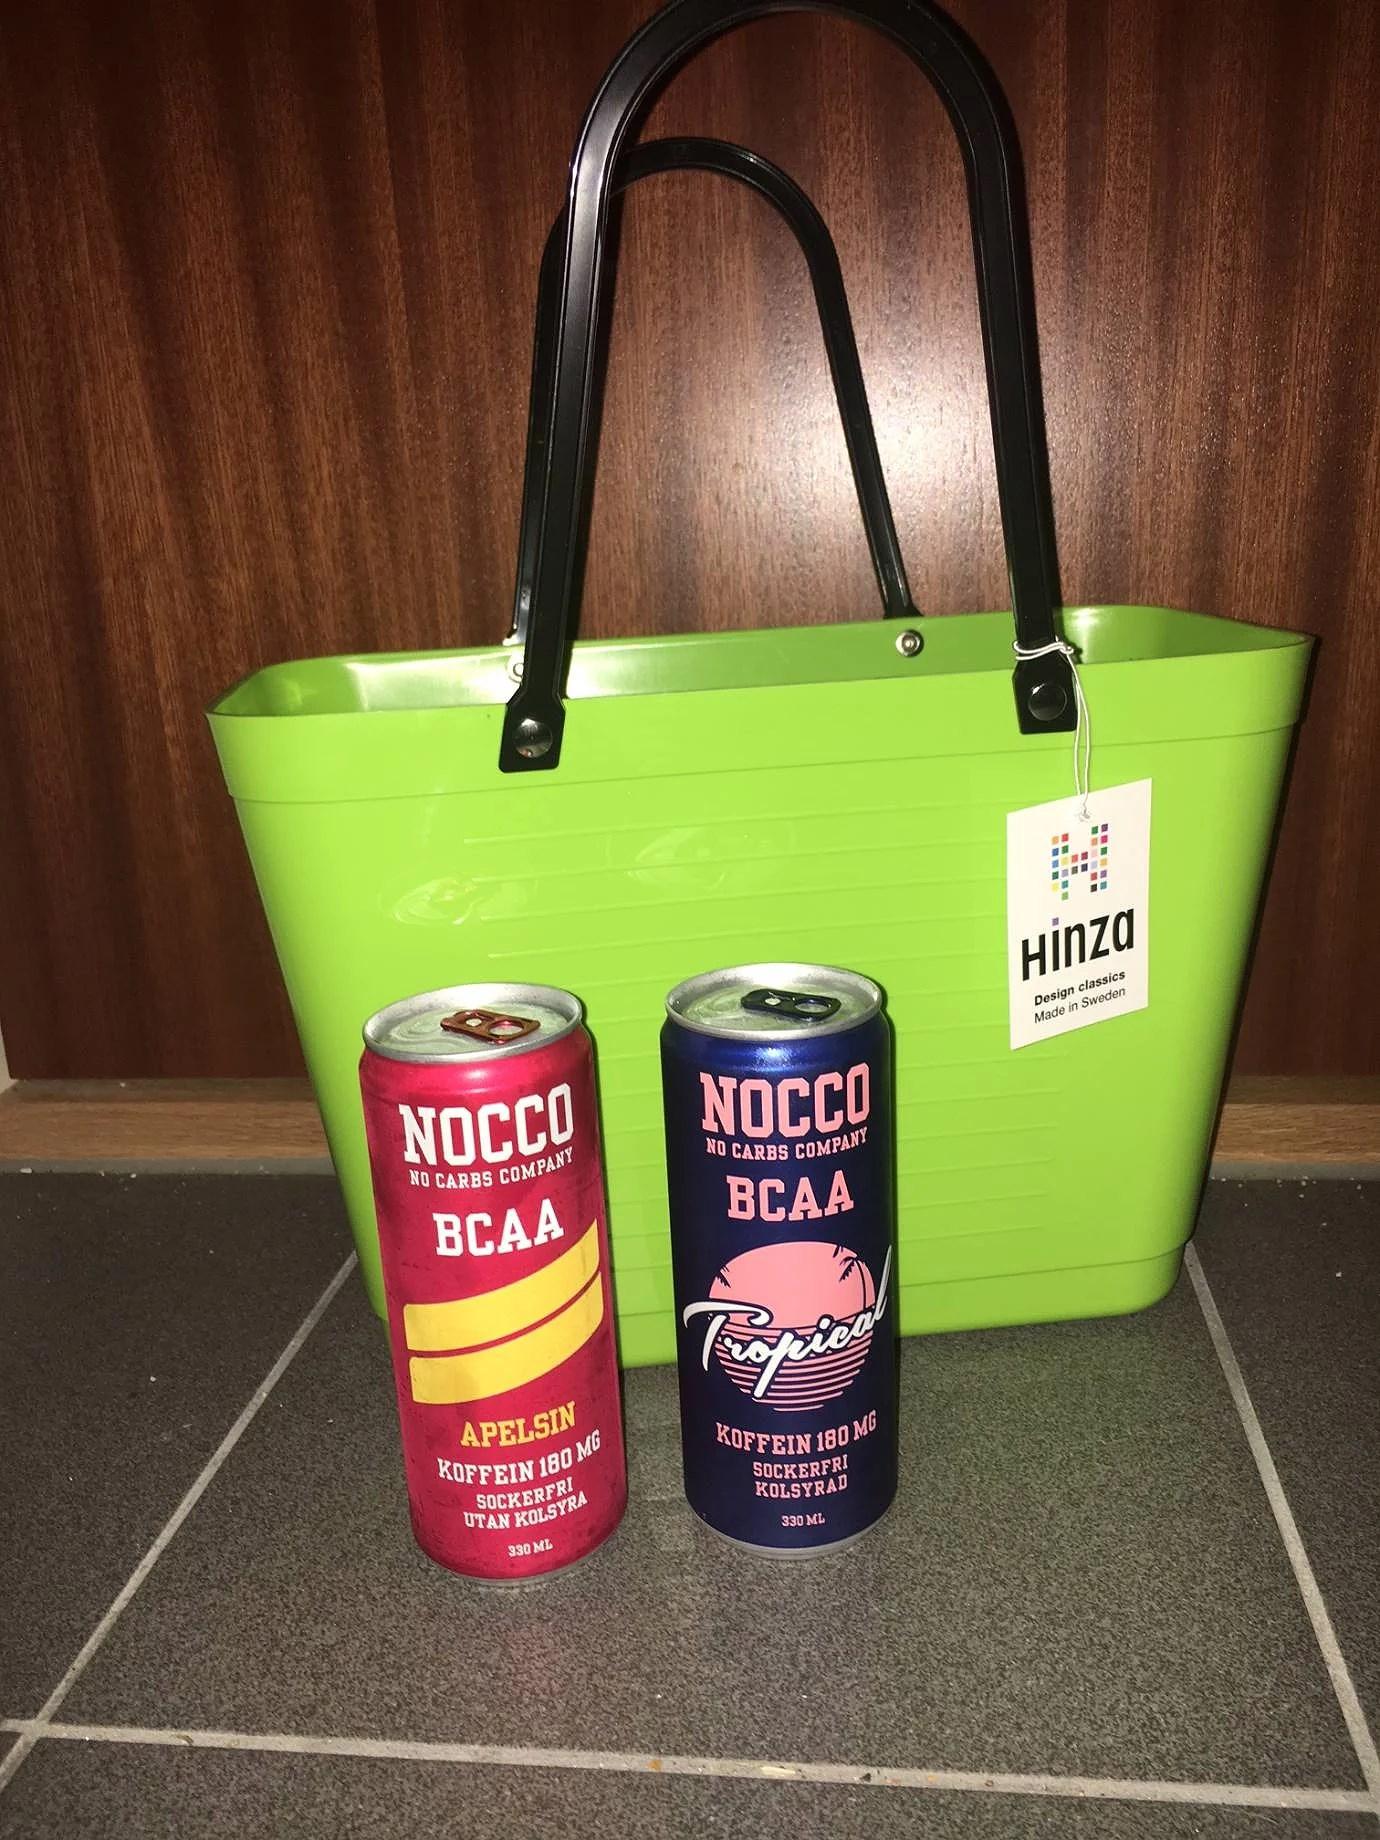 Goodiebag - Hinza och Nocco